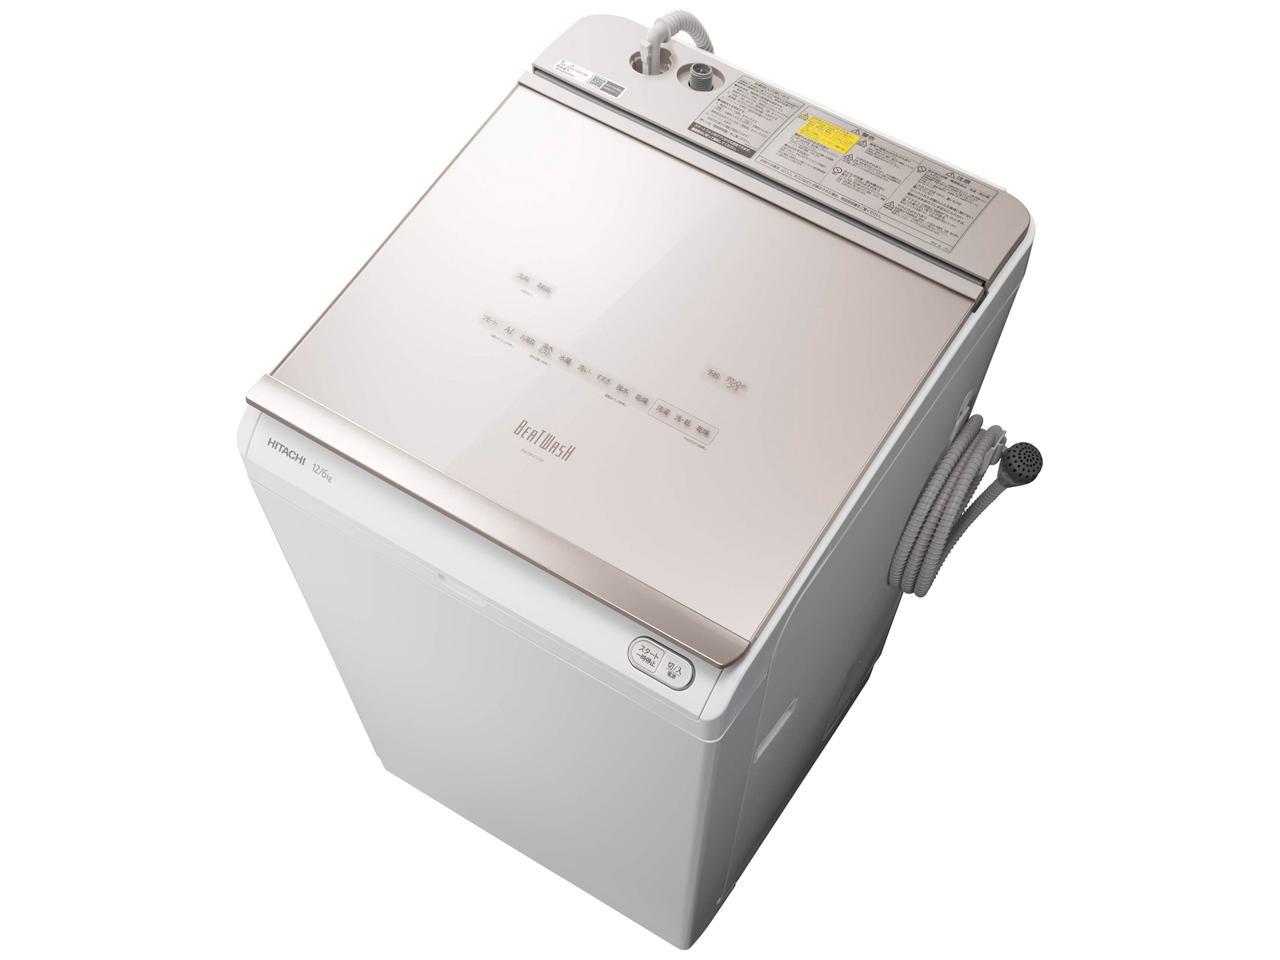 コム 価格 機 ドット 洗濯 【楽天市場】シャープ SHARP